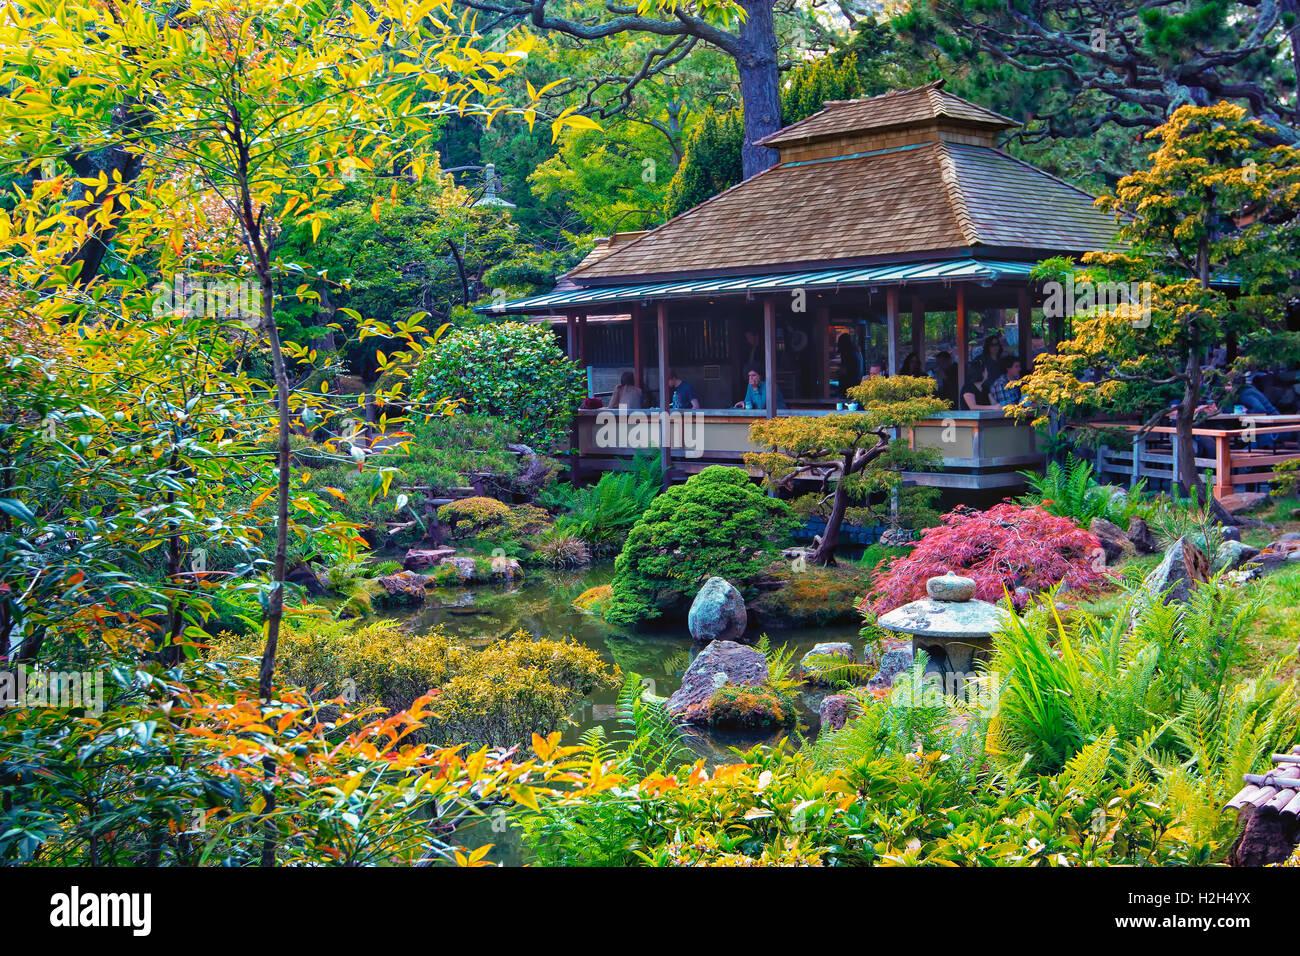 Jardin japonais dans le parc du Golden Gate, San Francisco Photo Stock